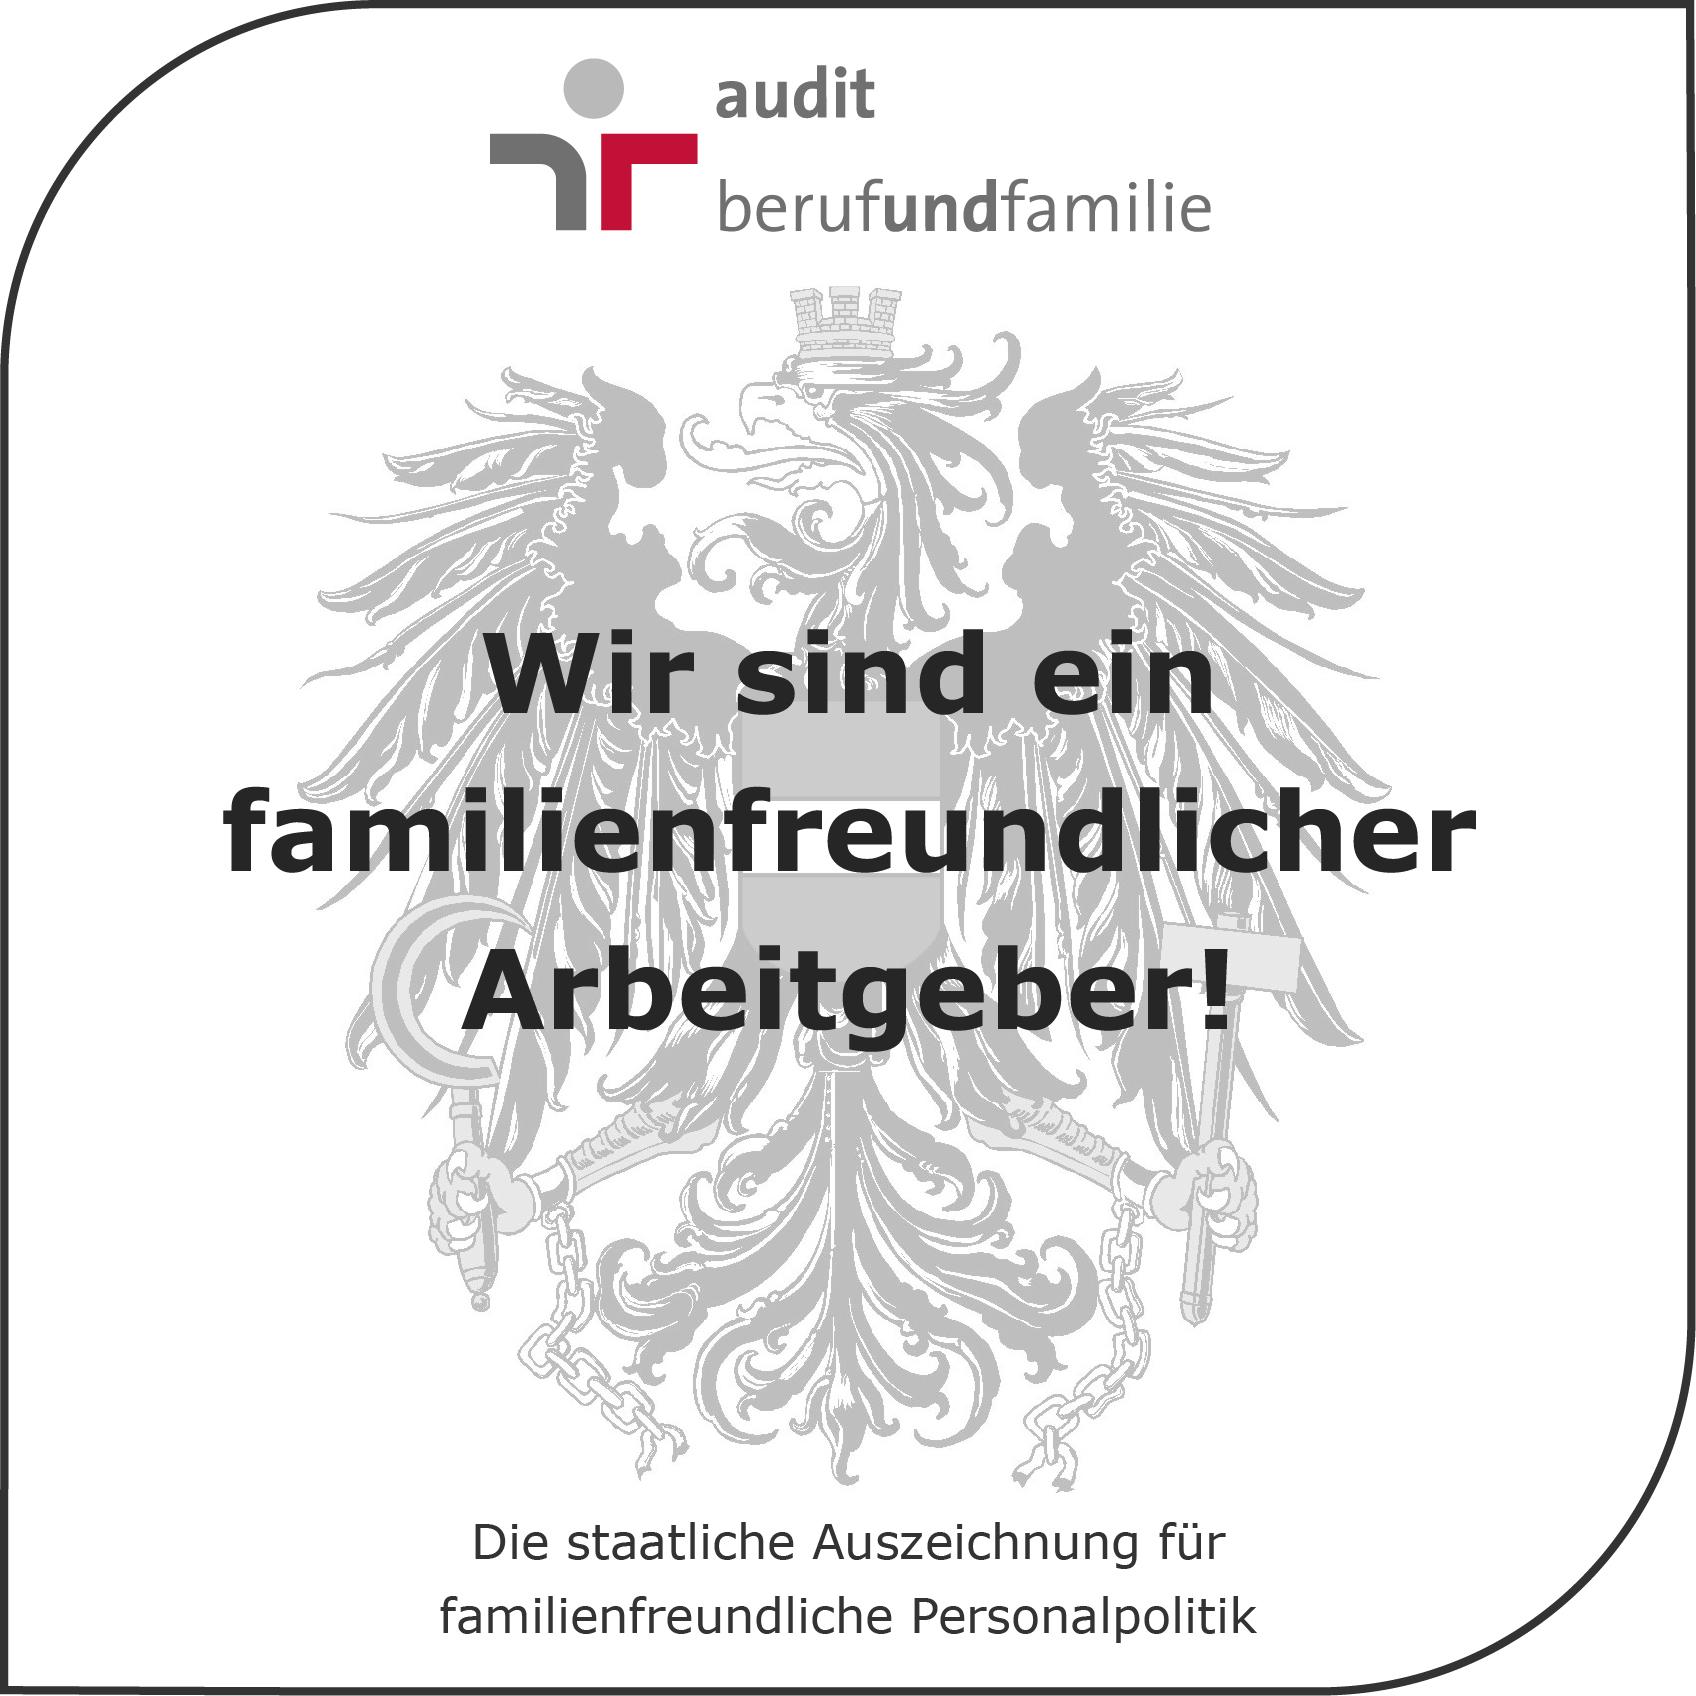 Das Klinikum Wels-Grieskirchen ist ein familienfreundlicher Arbeitgeber